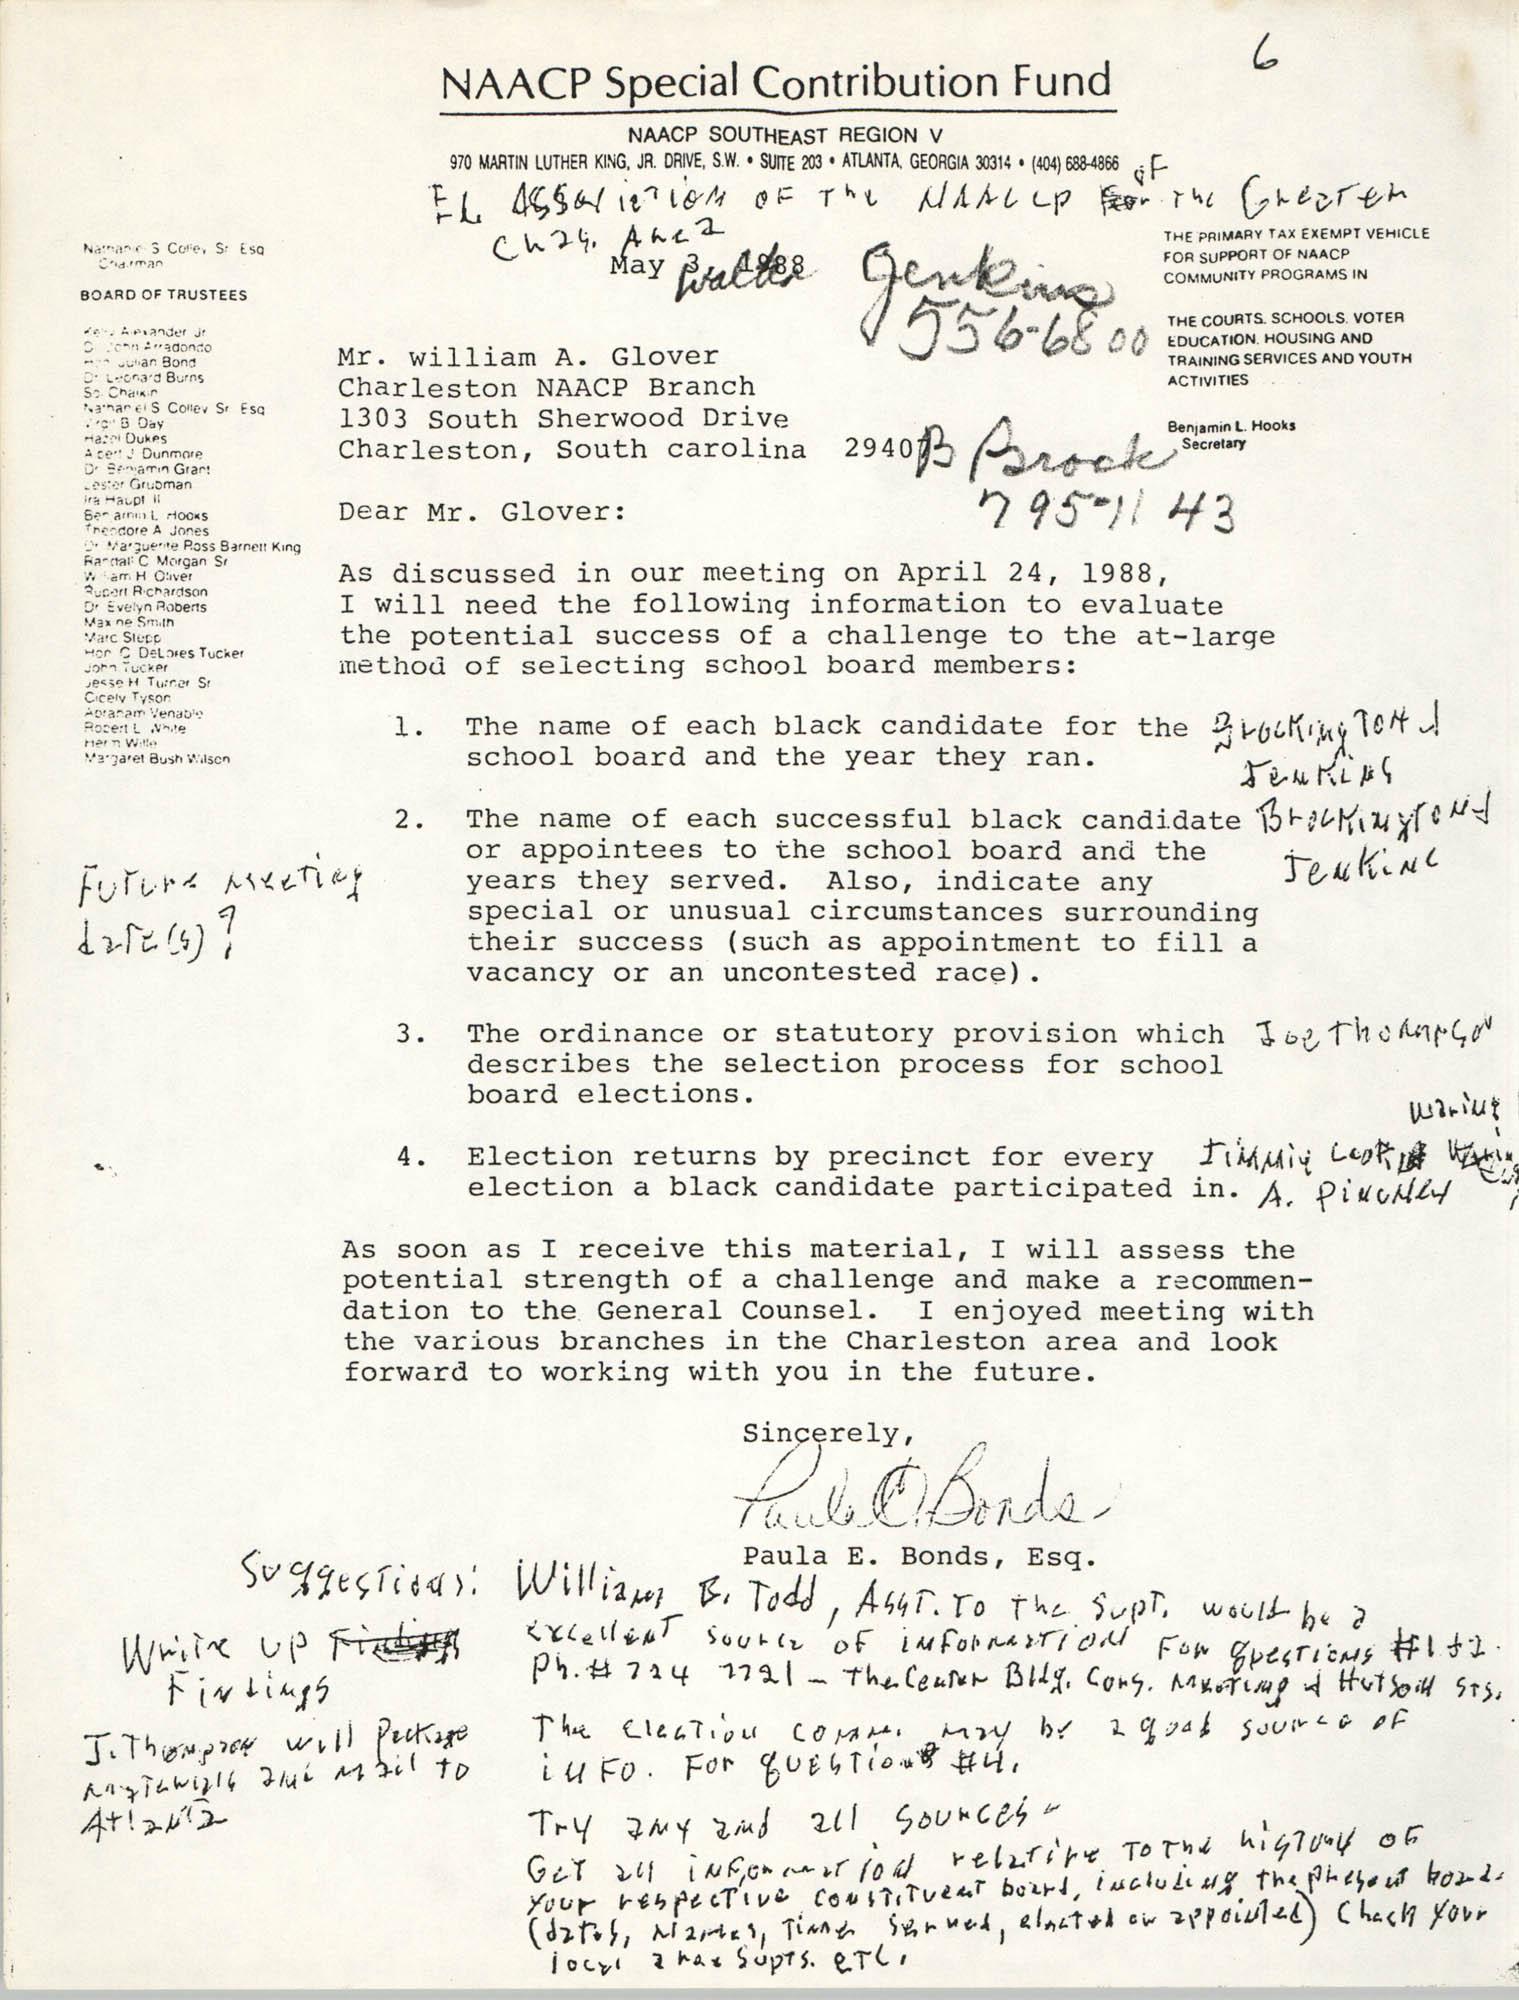 NAACP Special Contribution Fund Memorandum